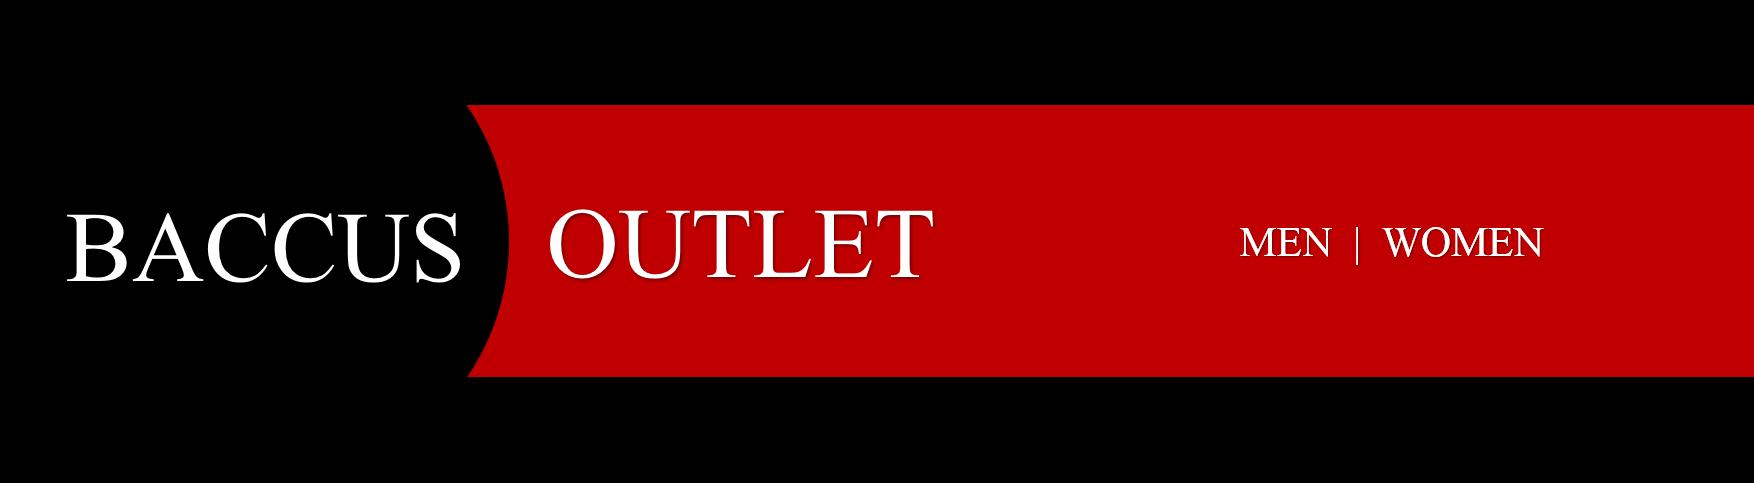 Men's Outlet